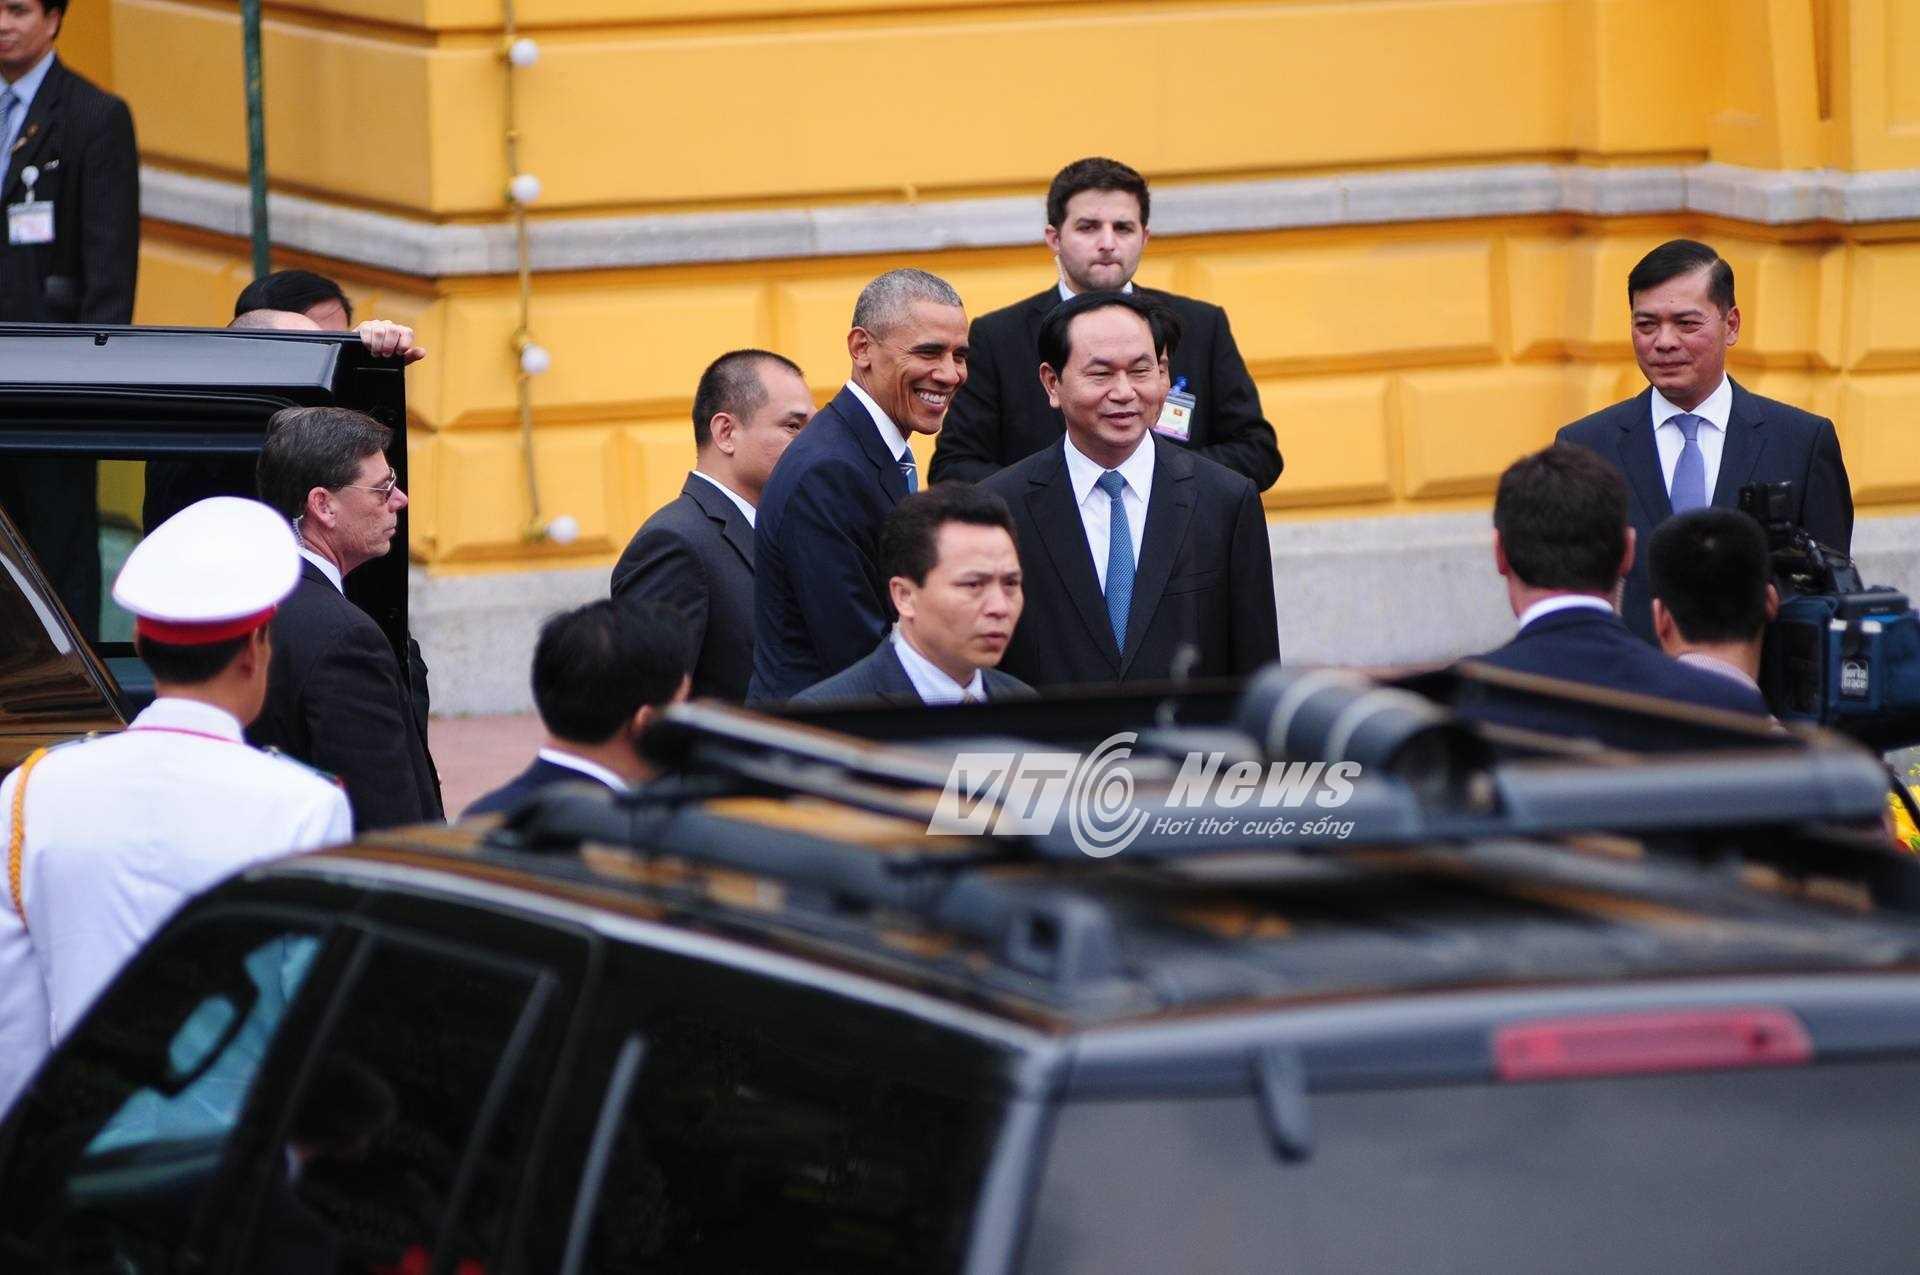 Khi đoàn xe đến Phủ Chủ tịch, đích thân Chủ tịch nước Trần Đại Quang và các vị lãnh đạo đã ra đón ông Obama (Ảnh: Tùng Đinh)